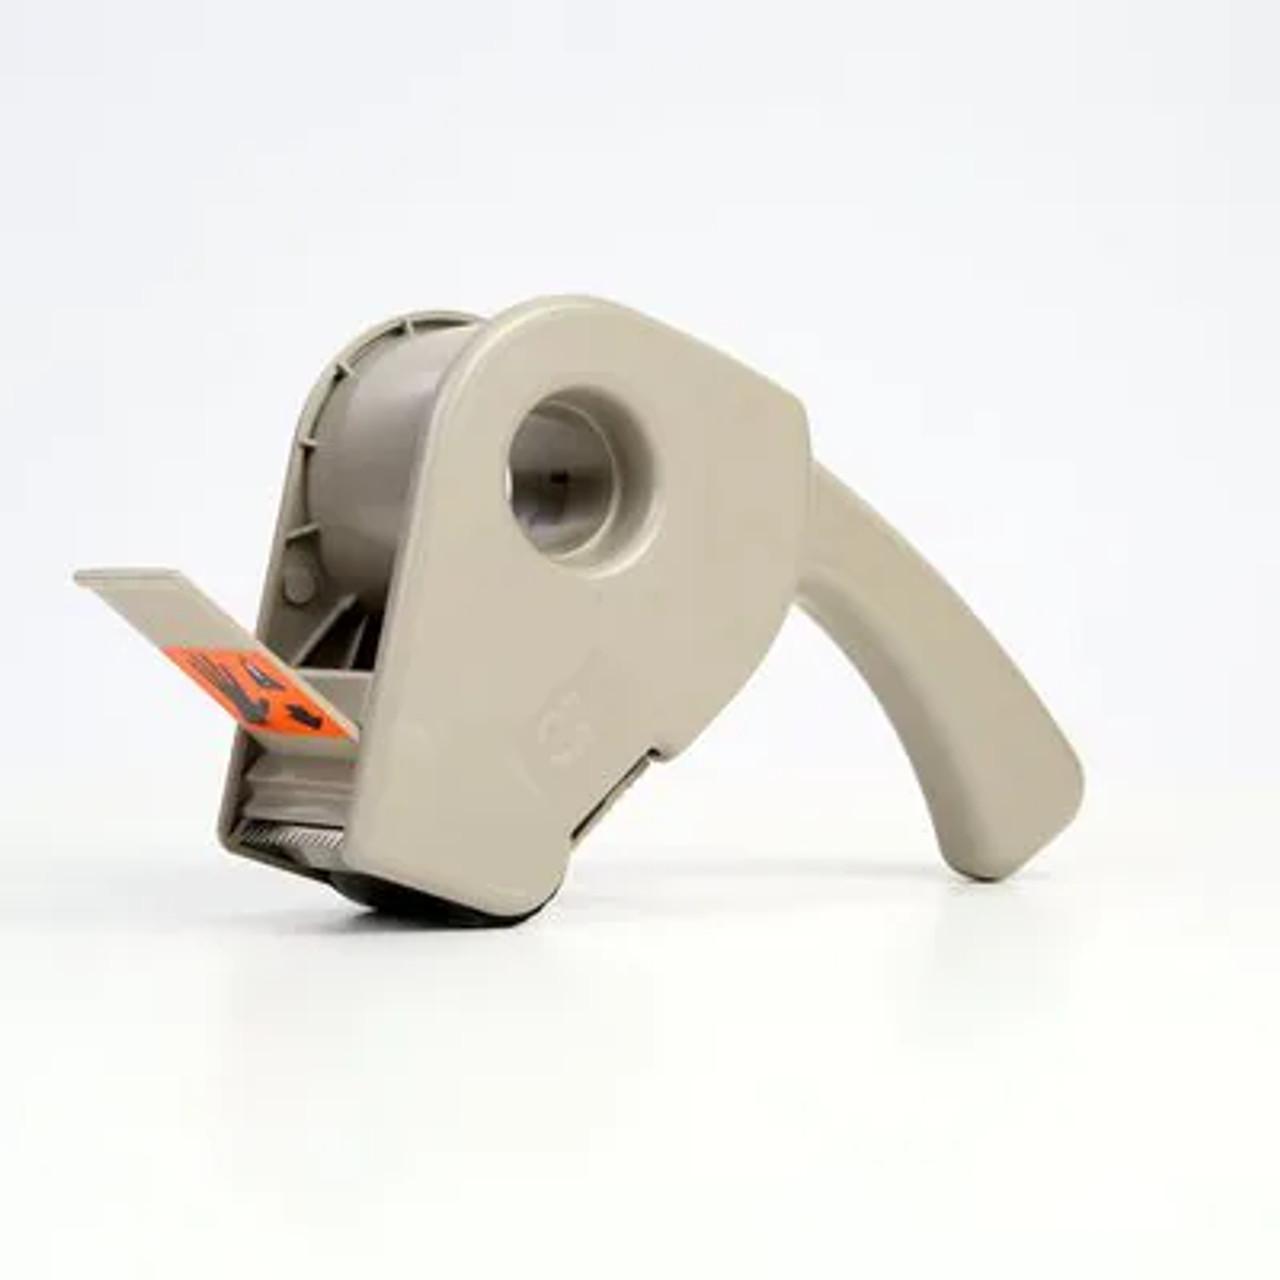 Scotch® Box Sealing Tape Hand Dispenser H190, 2 in